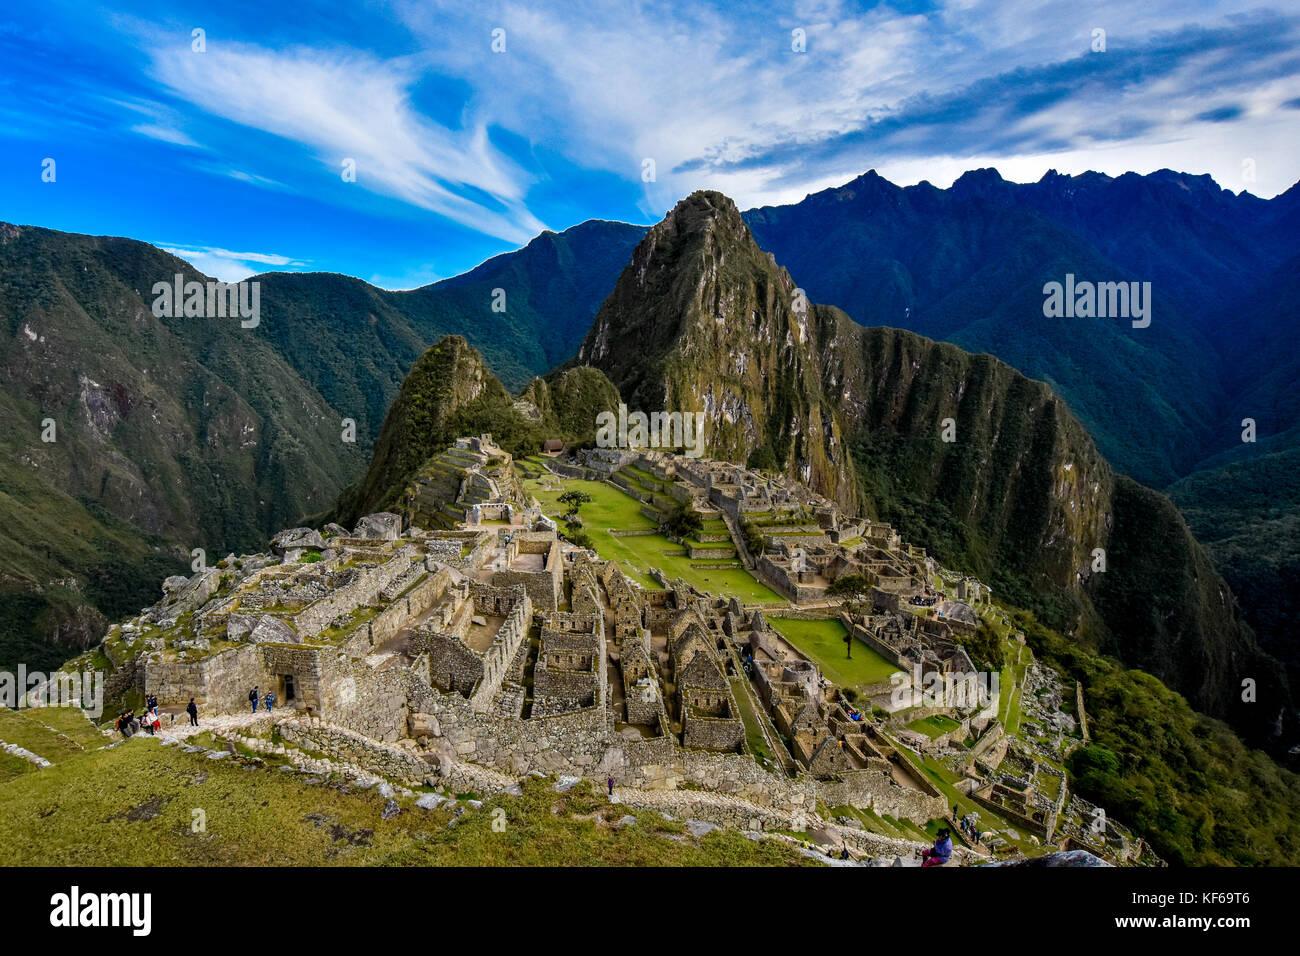 Machu Picchu à son meilleur. L'un des plus beaux endroits que j'ai jamais vu Photo Stock